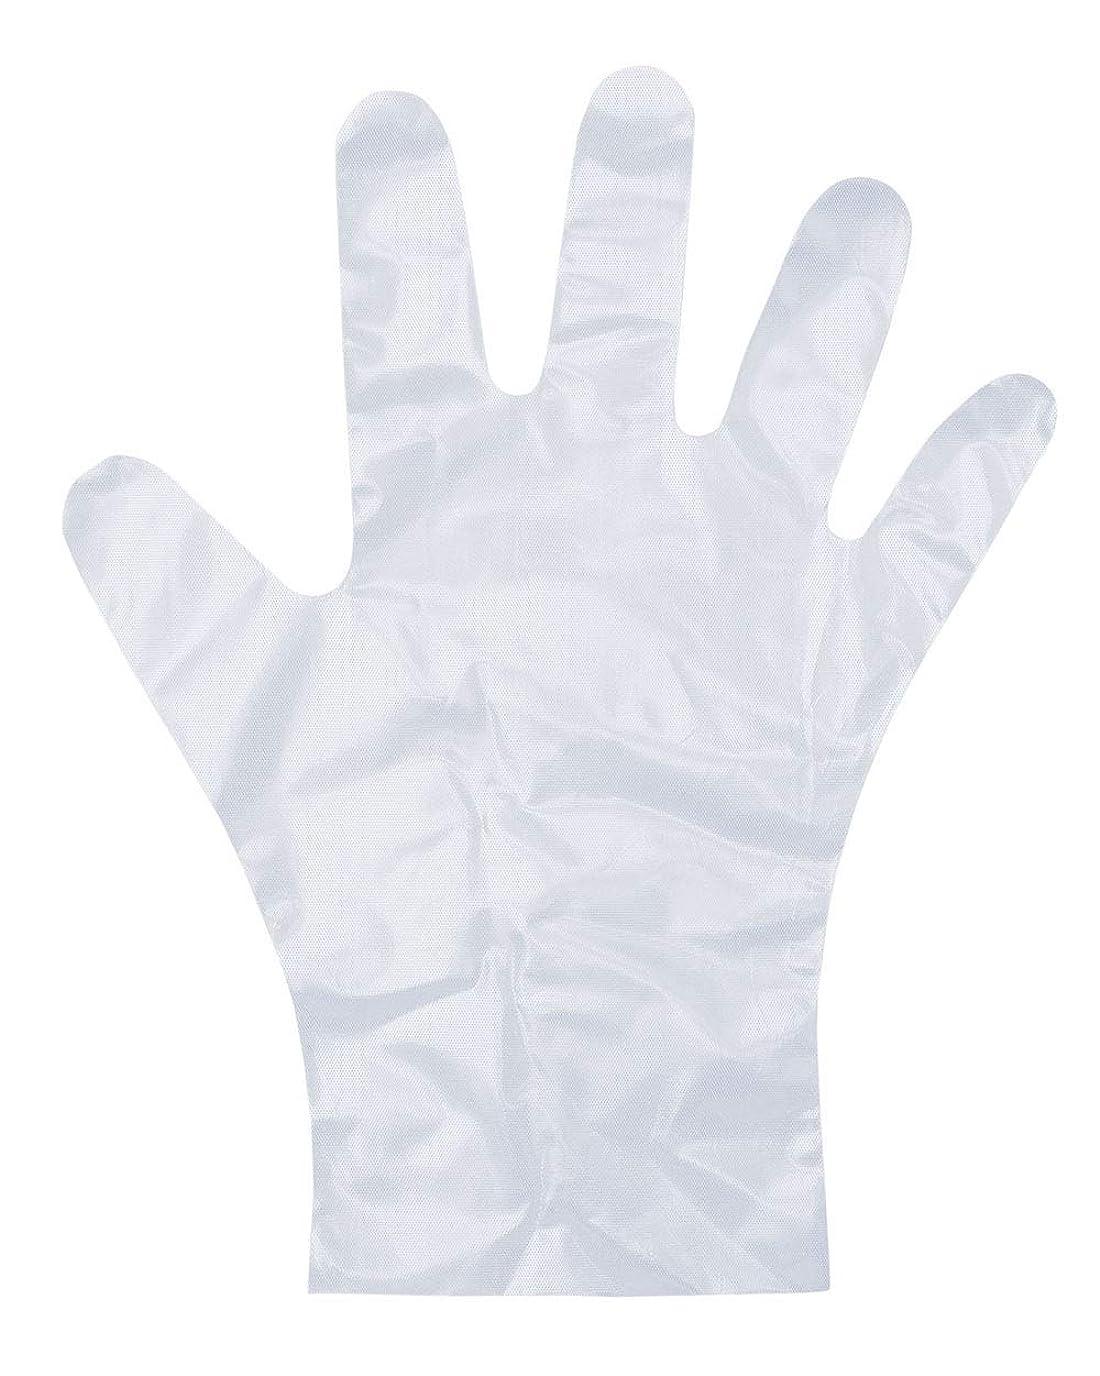 メナジェリーエッセンスミルダンロップ ホームプロダクツ ビニール手袋 ポリエチレン エンボス 半透明 M 調理 毛染め ペンキ塗り PD-110 100枚入